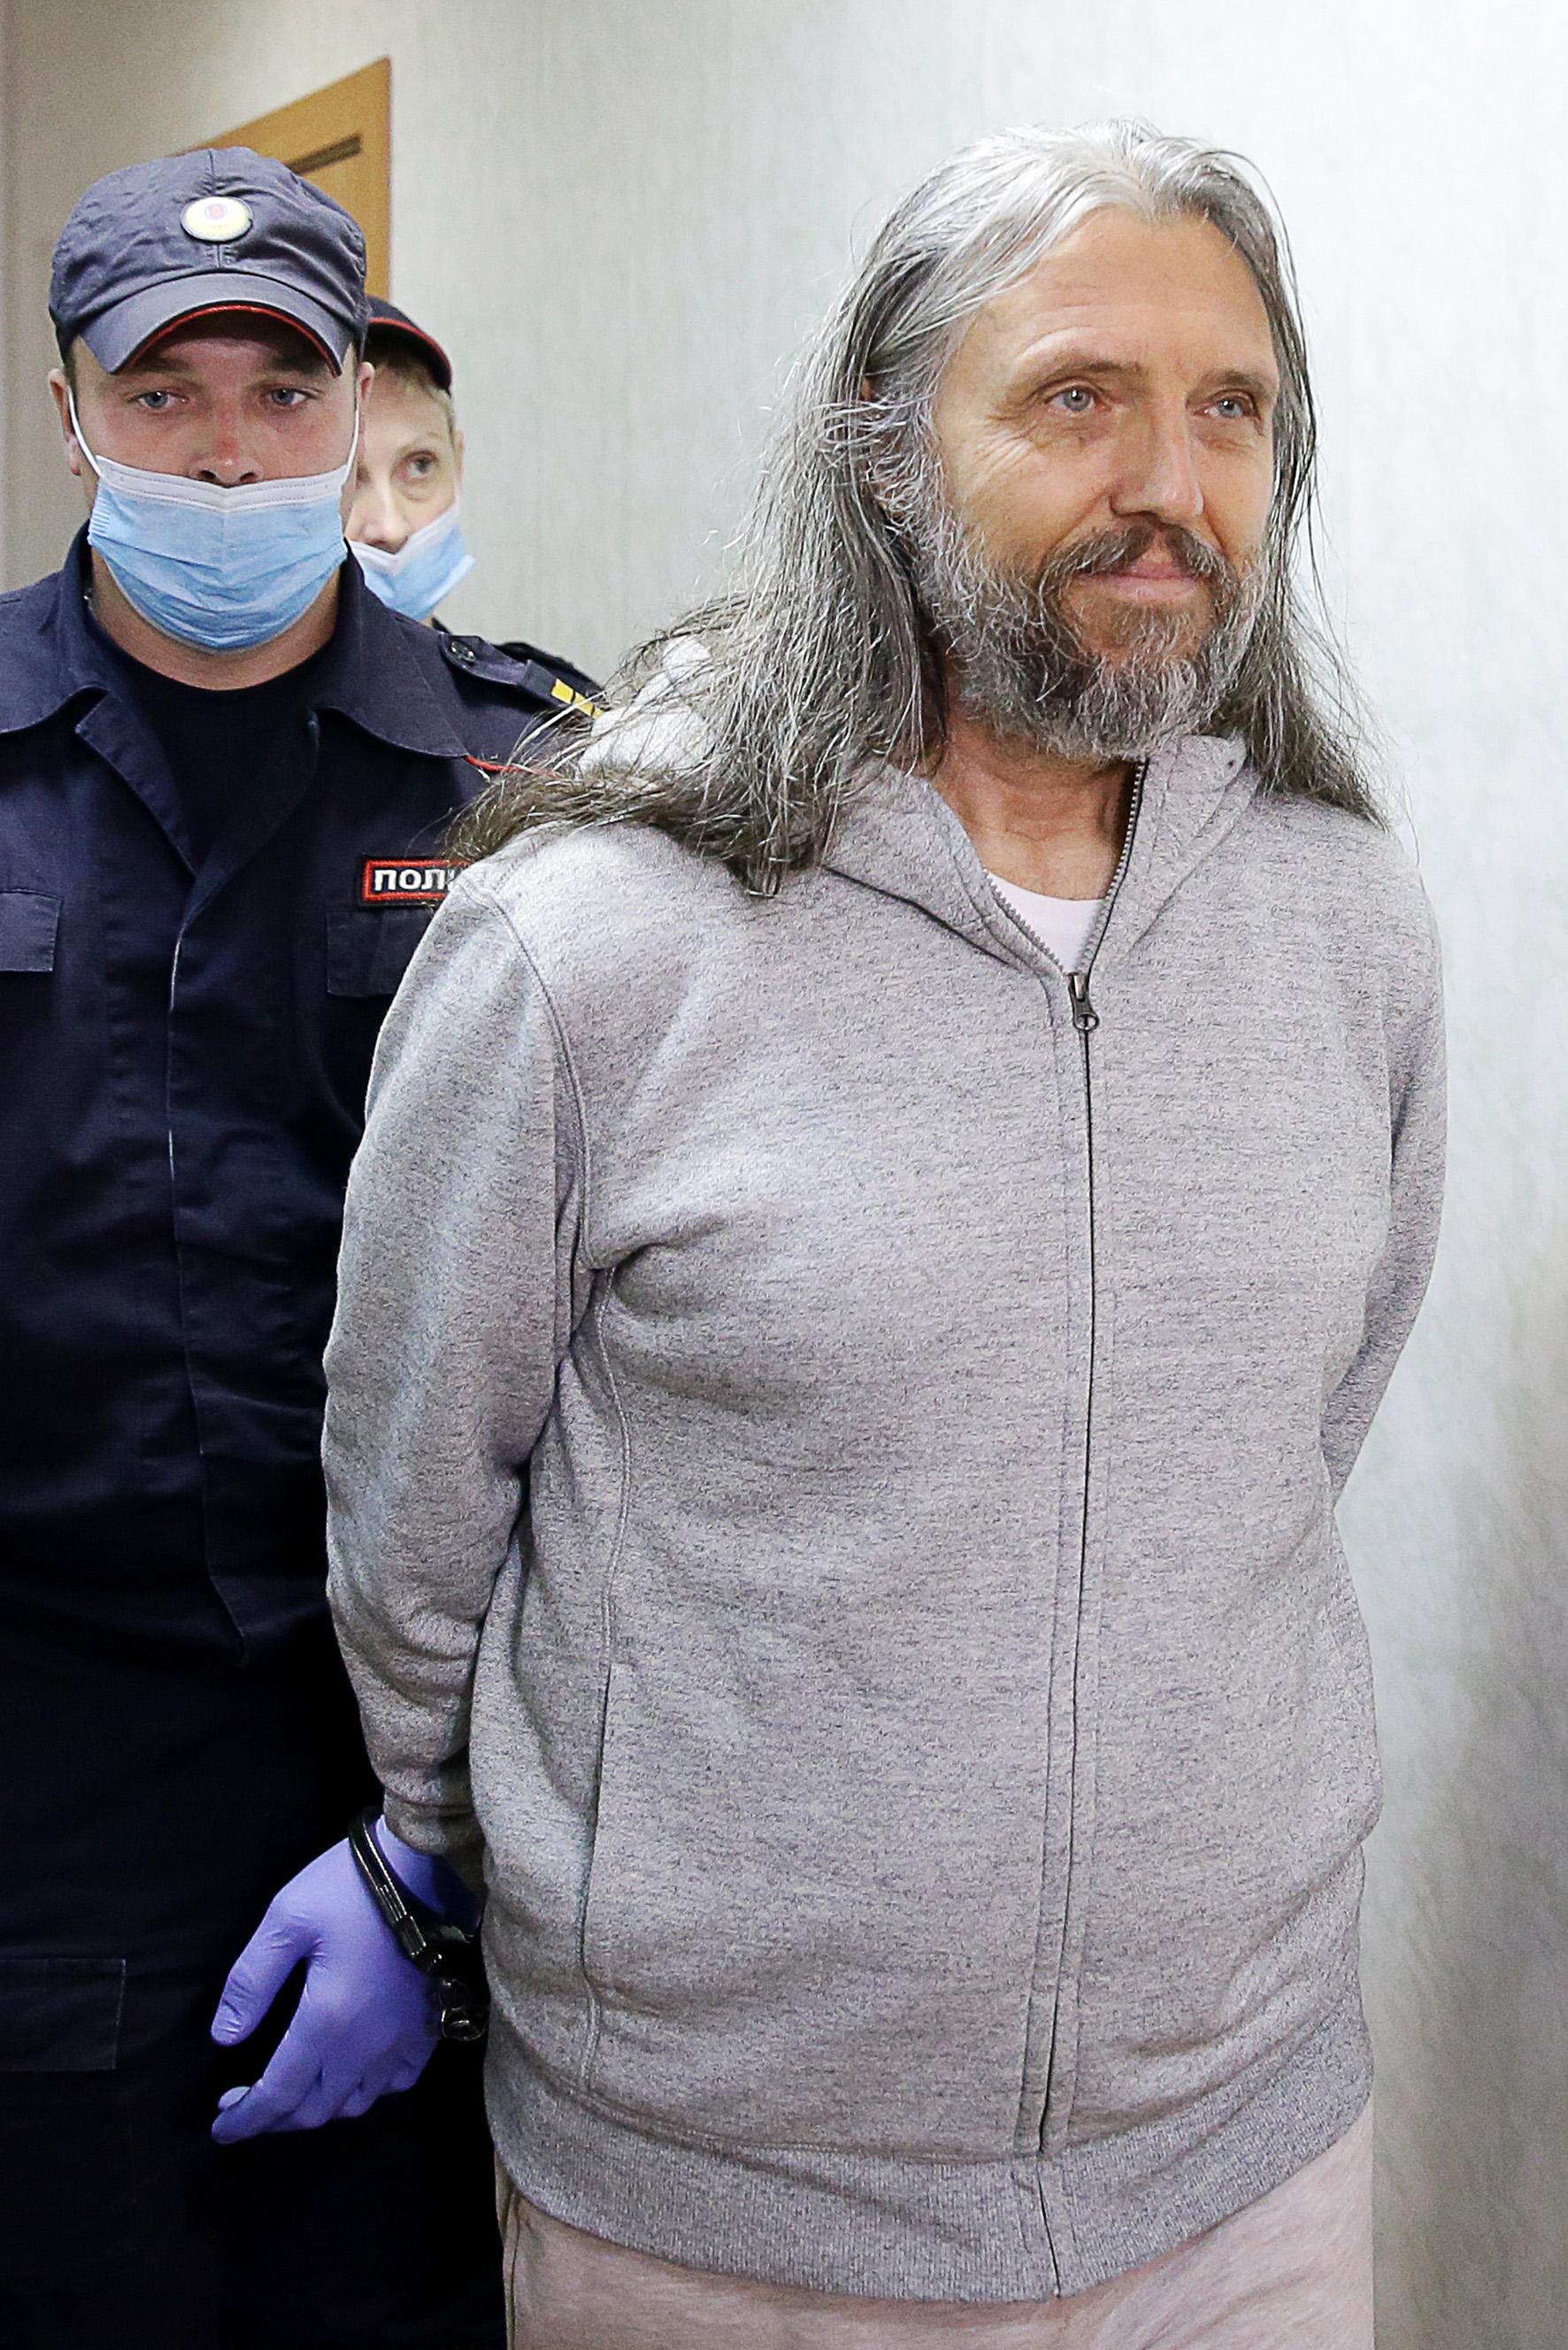 Russische sekteleider gearresteerd omdat hij denkt dat hij Jezus is